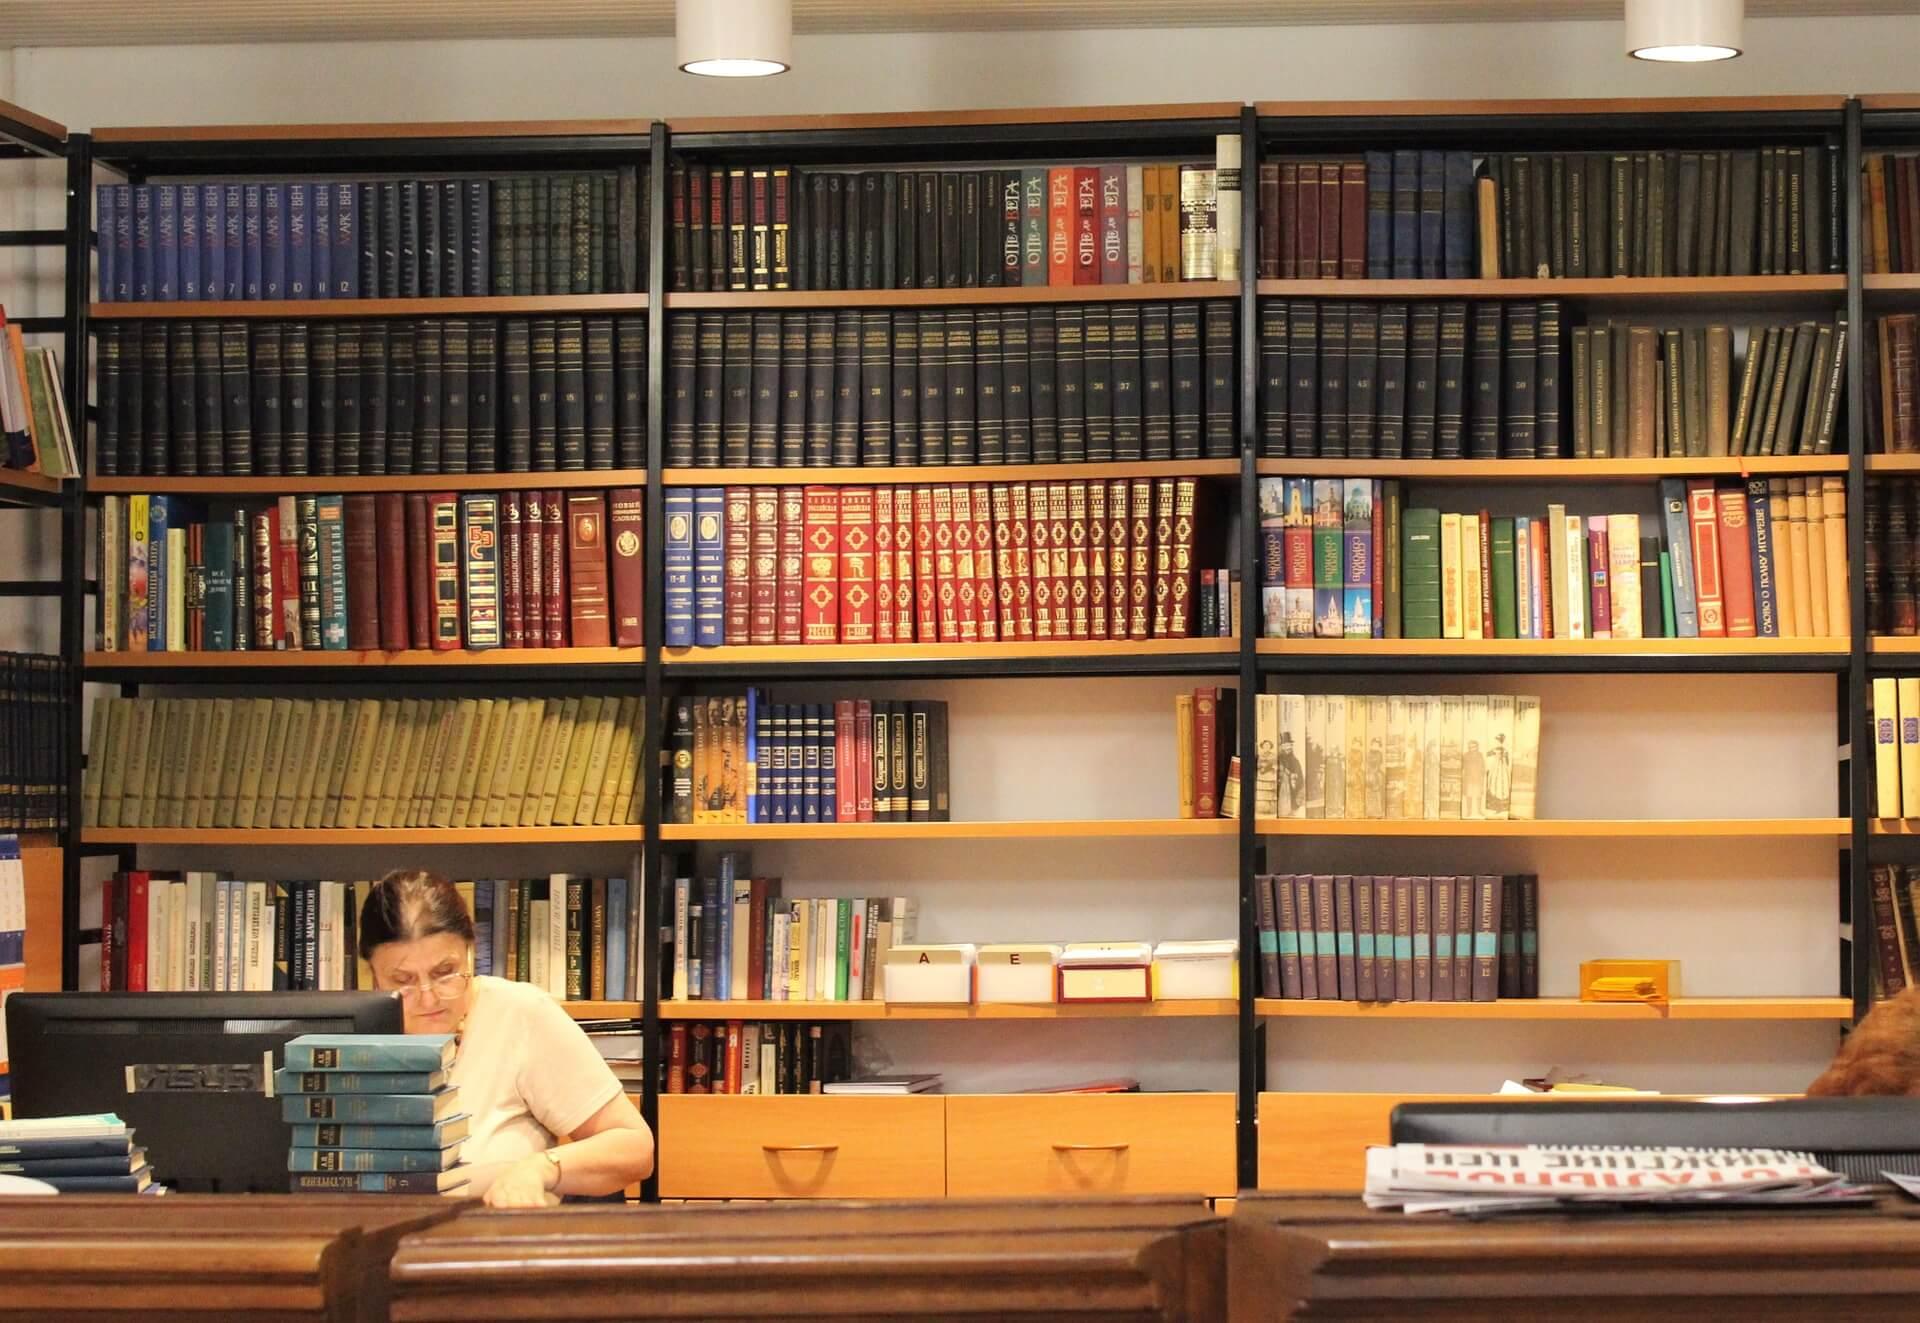 Jak udekorować półki na książki?